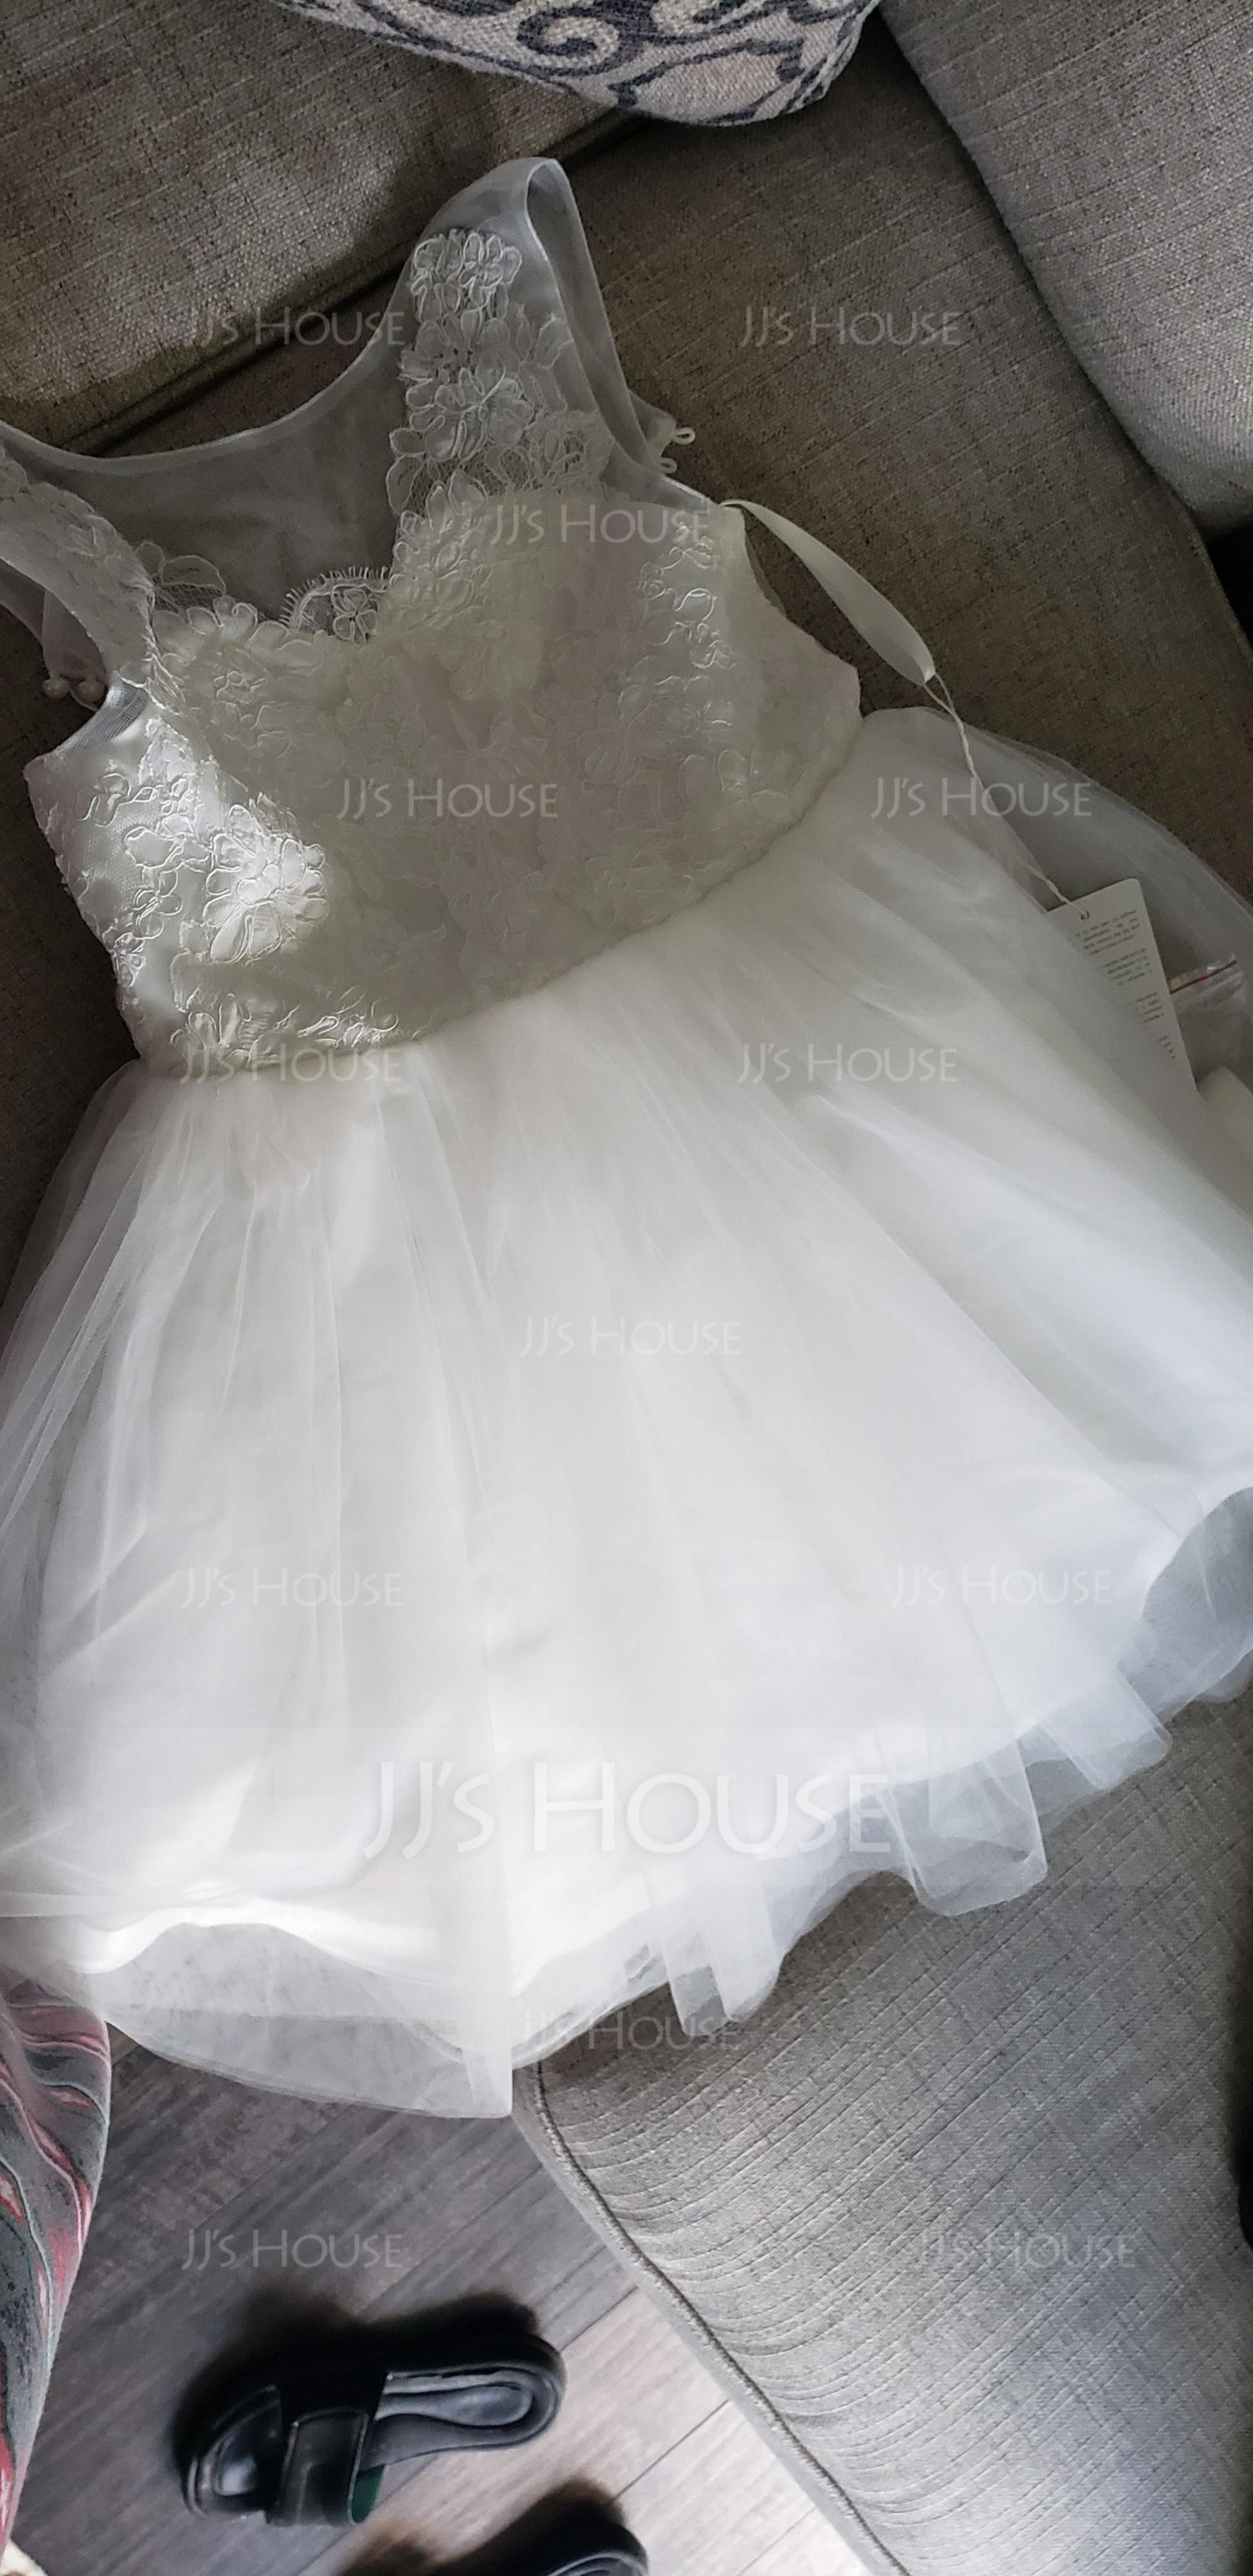 Aライン 膝上丈 フラワーガールのドレス - チュール/レース 袖なし スクープネック とともに アップリケ/弓/ラインストーン